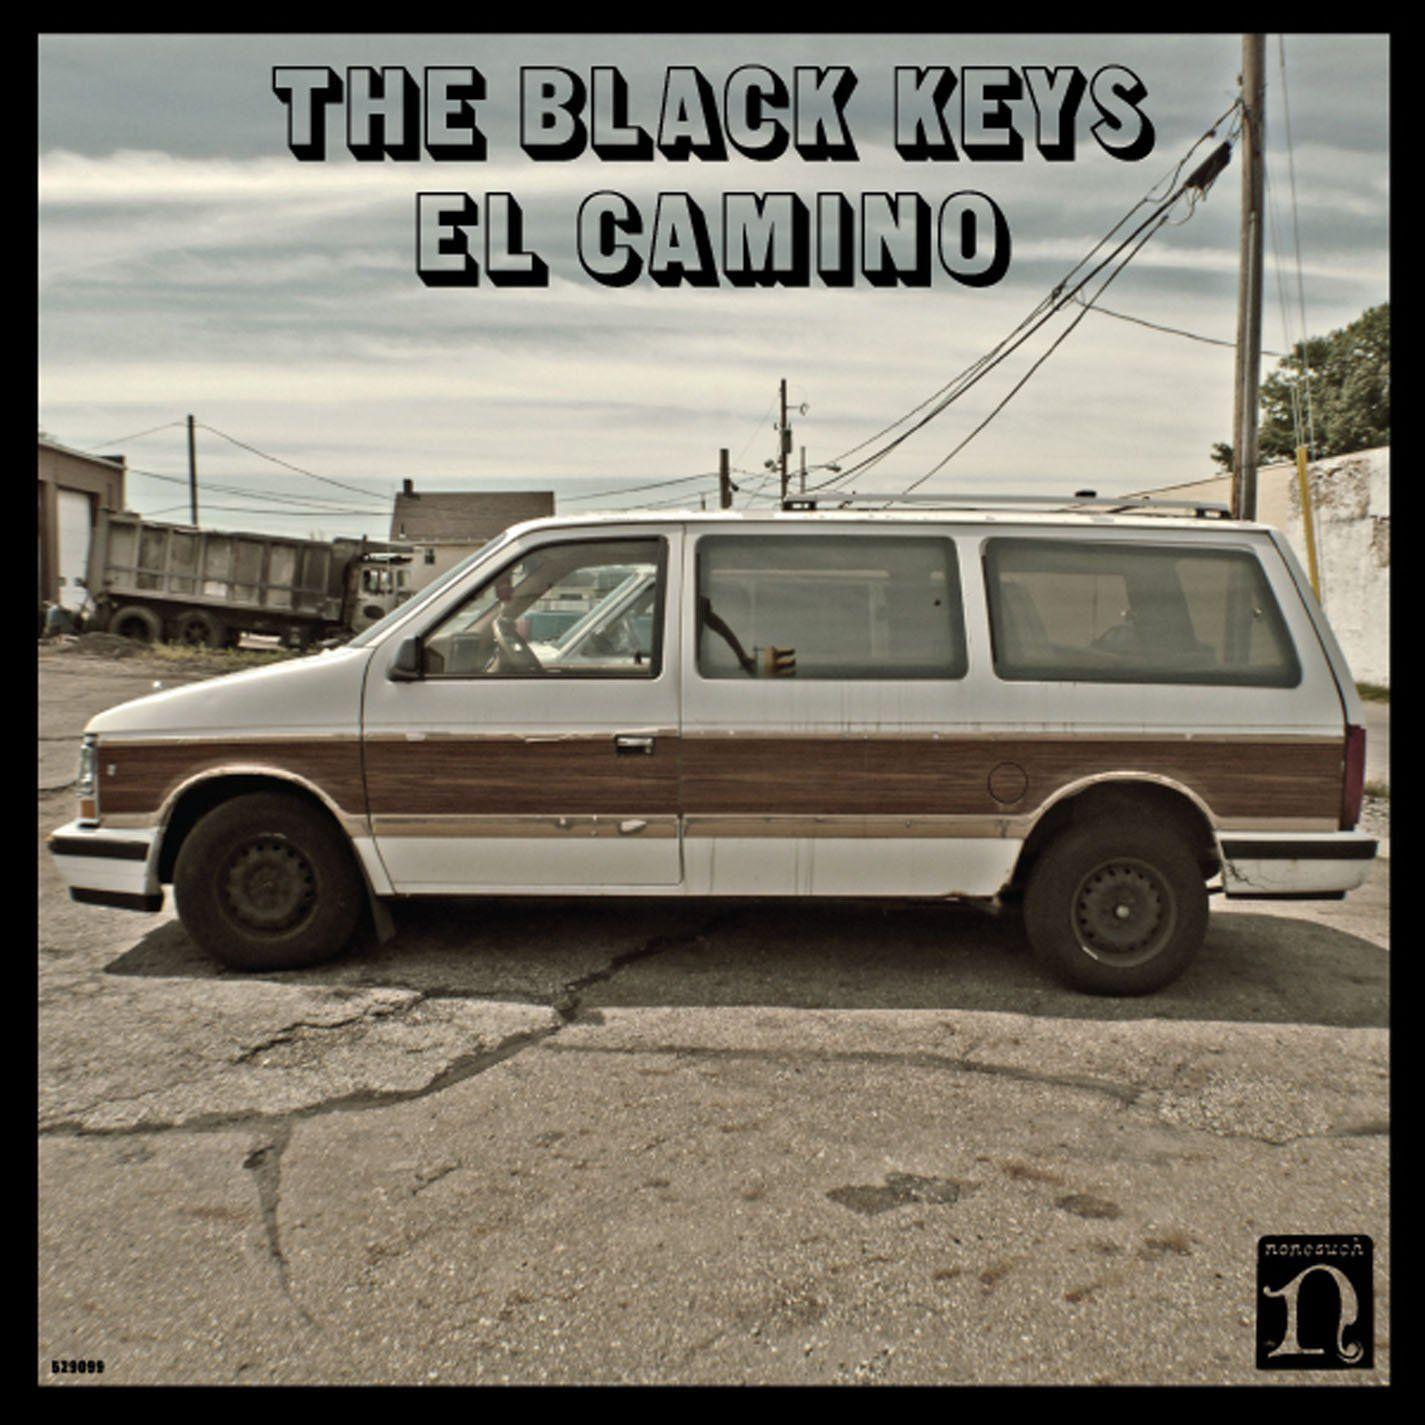 Bilderesultat for the black keys el camino